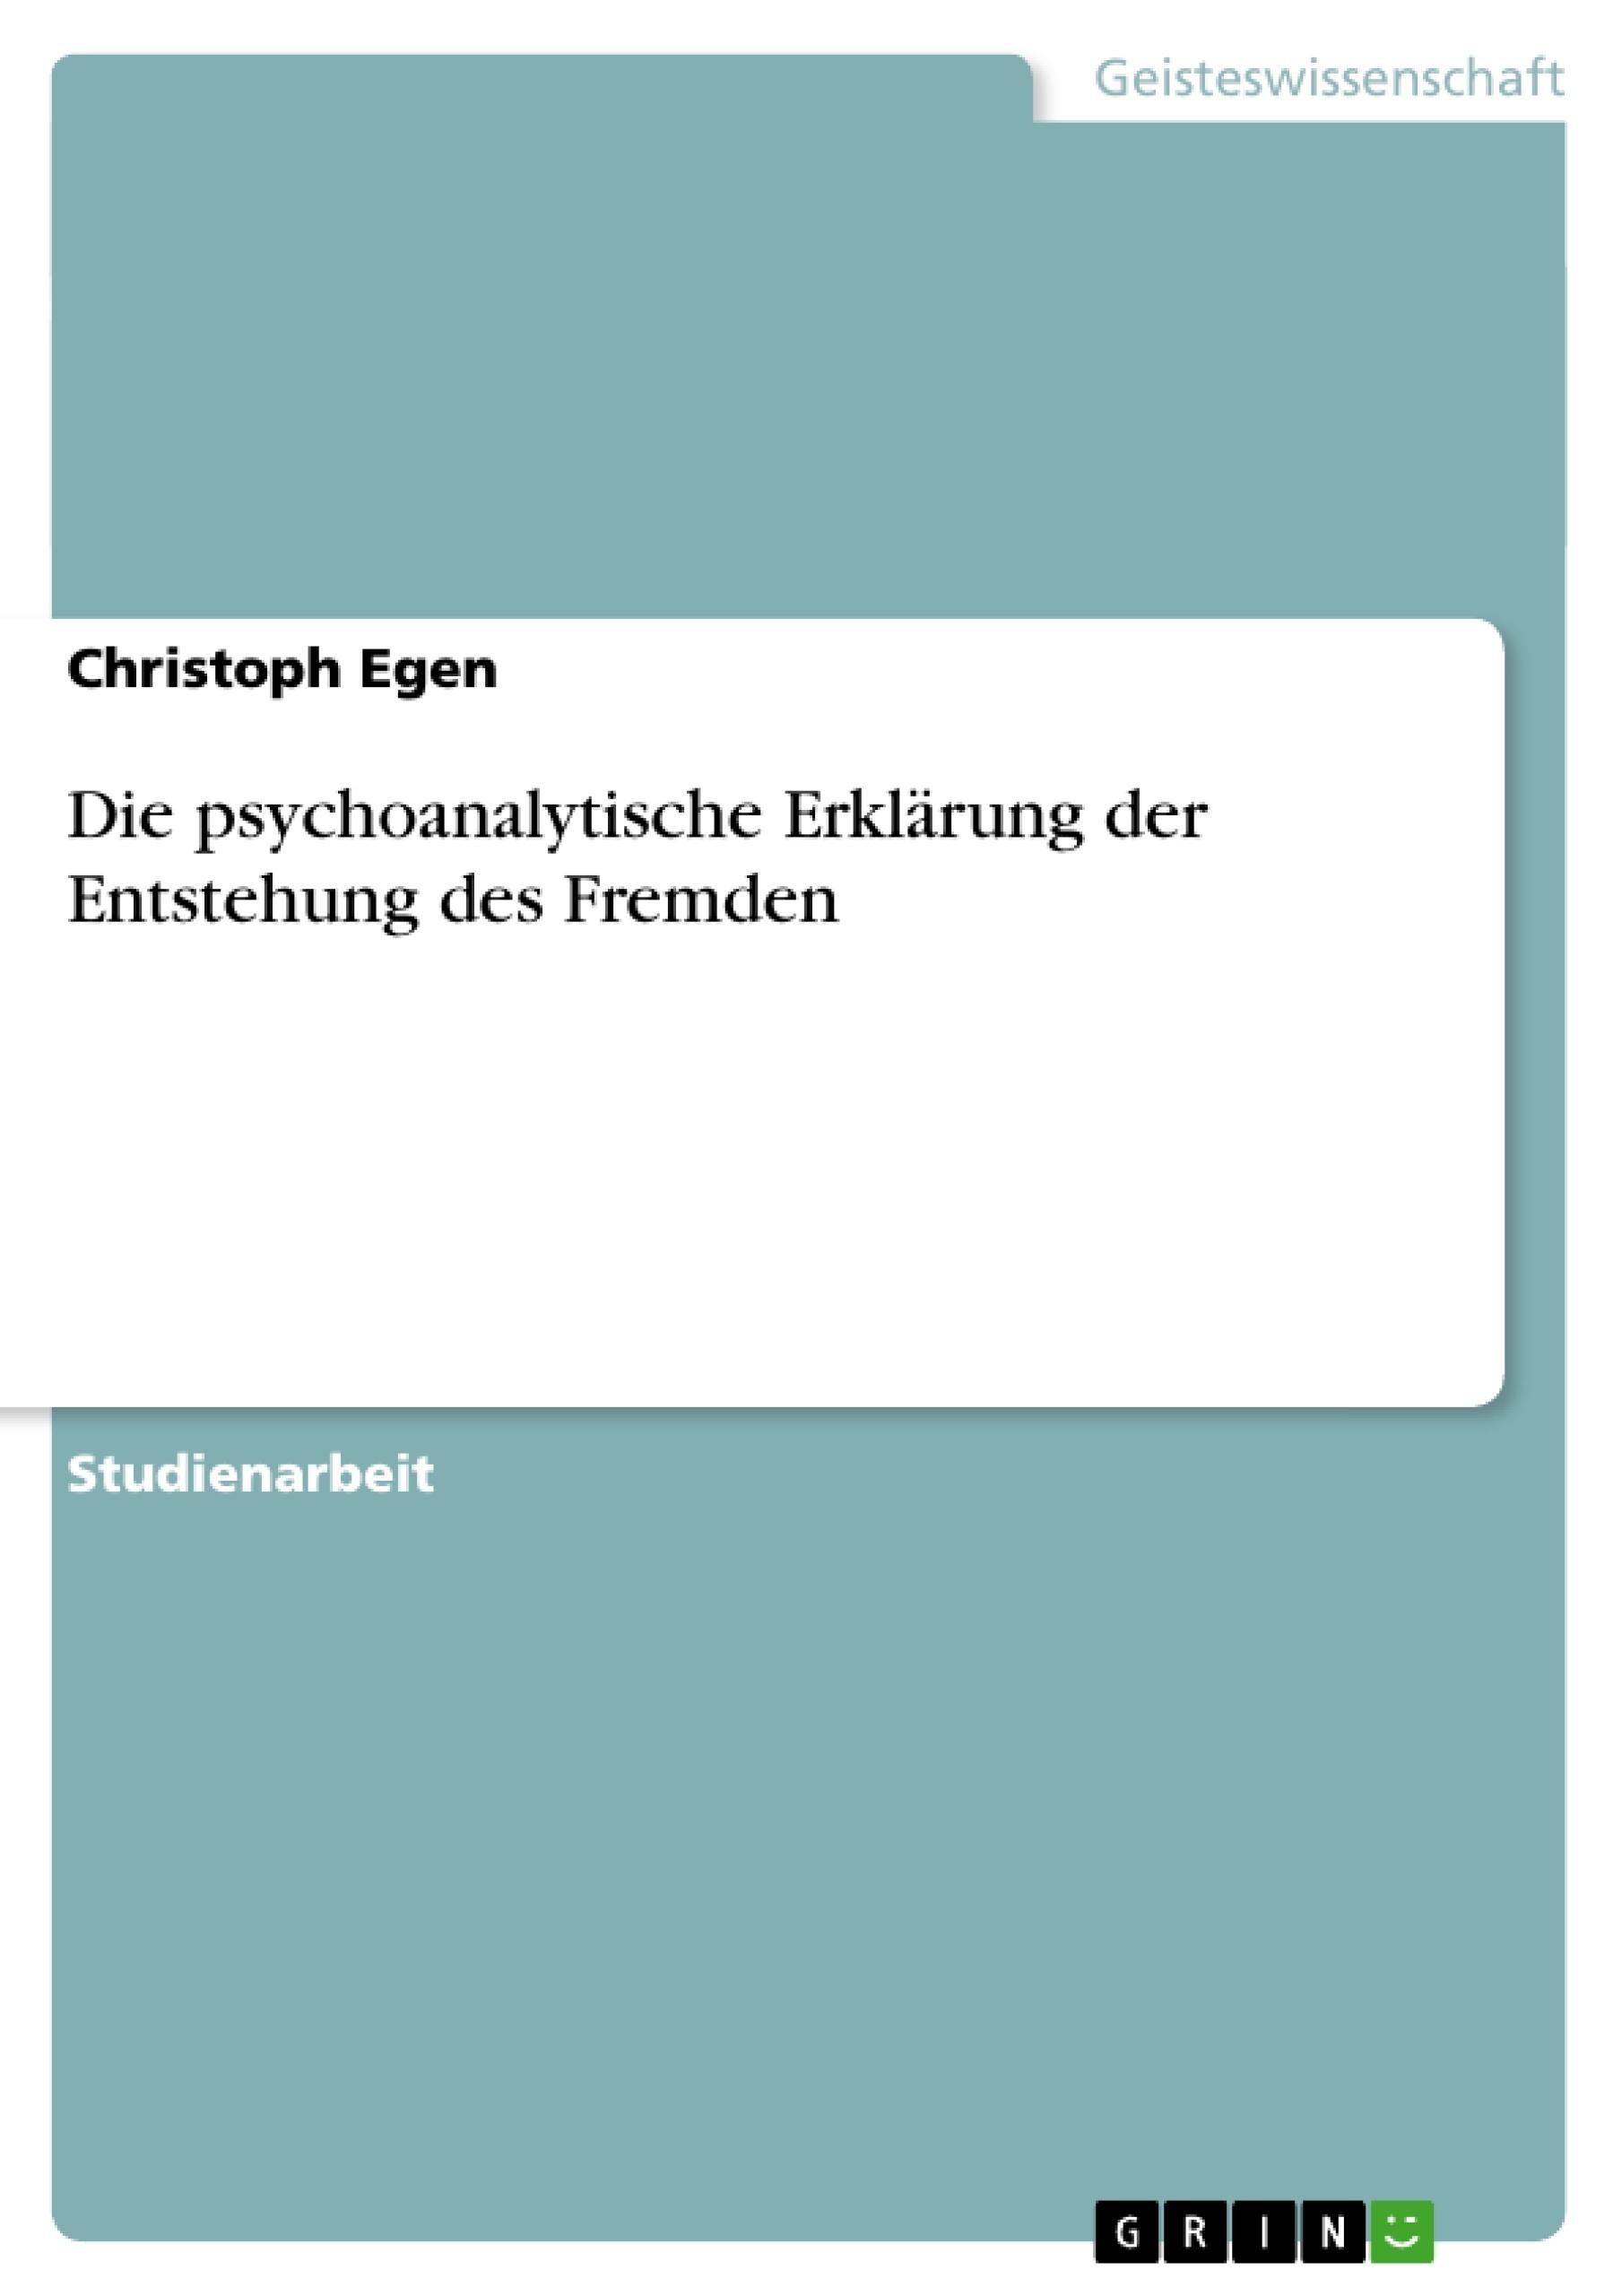 Titel: Die psychoanalytische Erklärung der Entstehung des Fremden